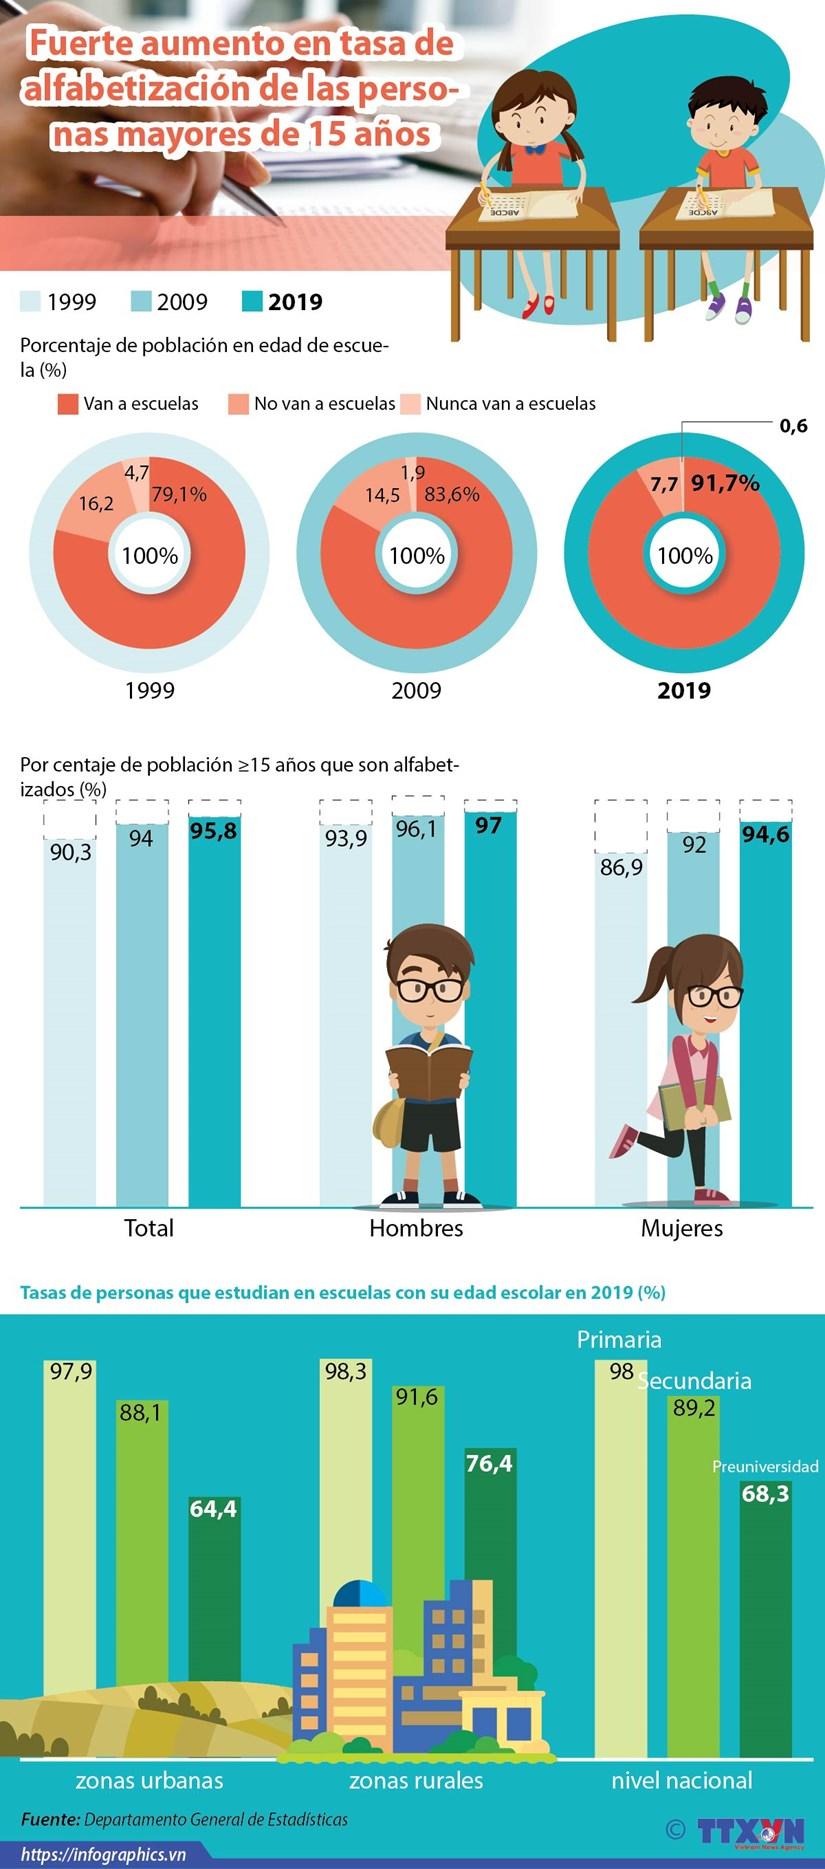 [Info] Fuerte aumento en tasa de alfabetizacion hinh anh 1